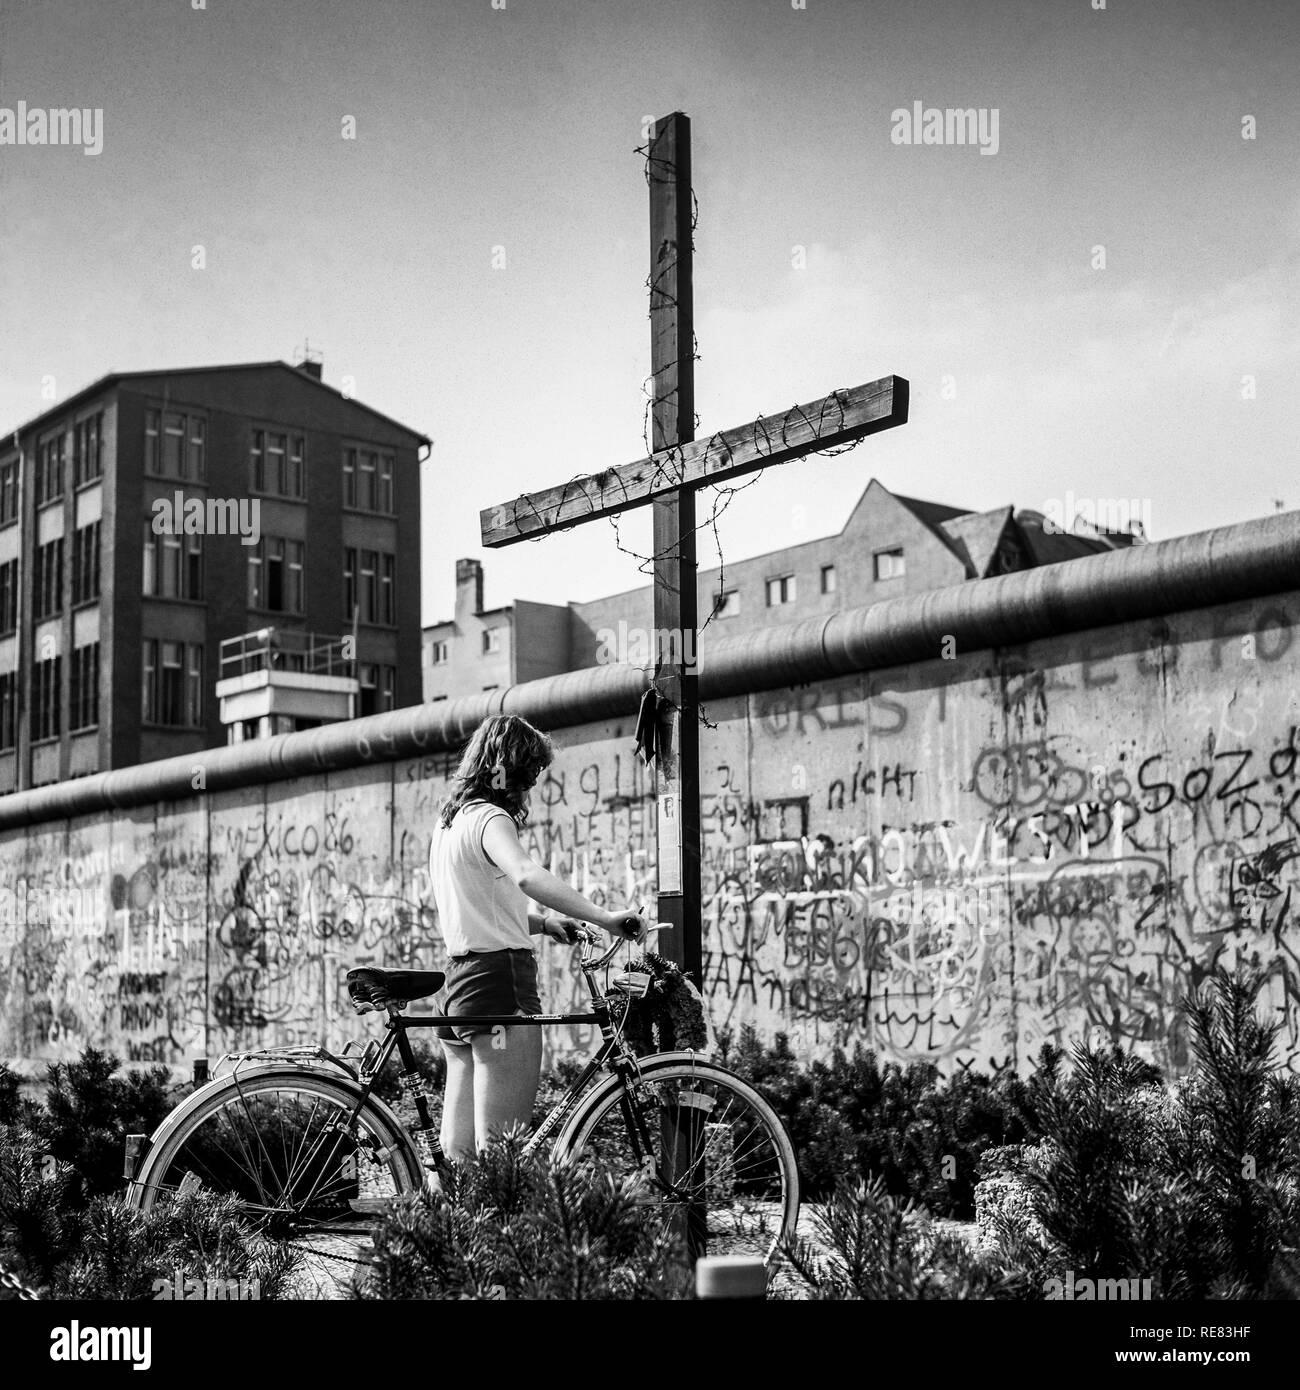 August 1986, junge Frau mit dem Fahrrad, Peter Fechter, Memorial, Graffiti auf der Berliner Mauer, Zimmerstraße Straße, Kreuzberg, Berlin, Deutschland, Europa, Stockfoto